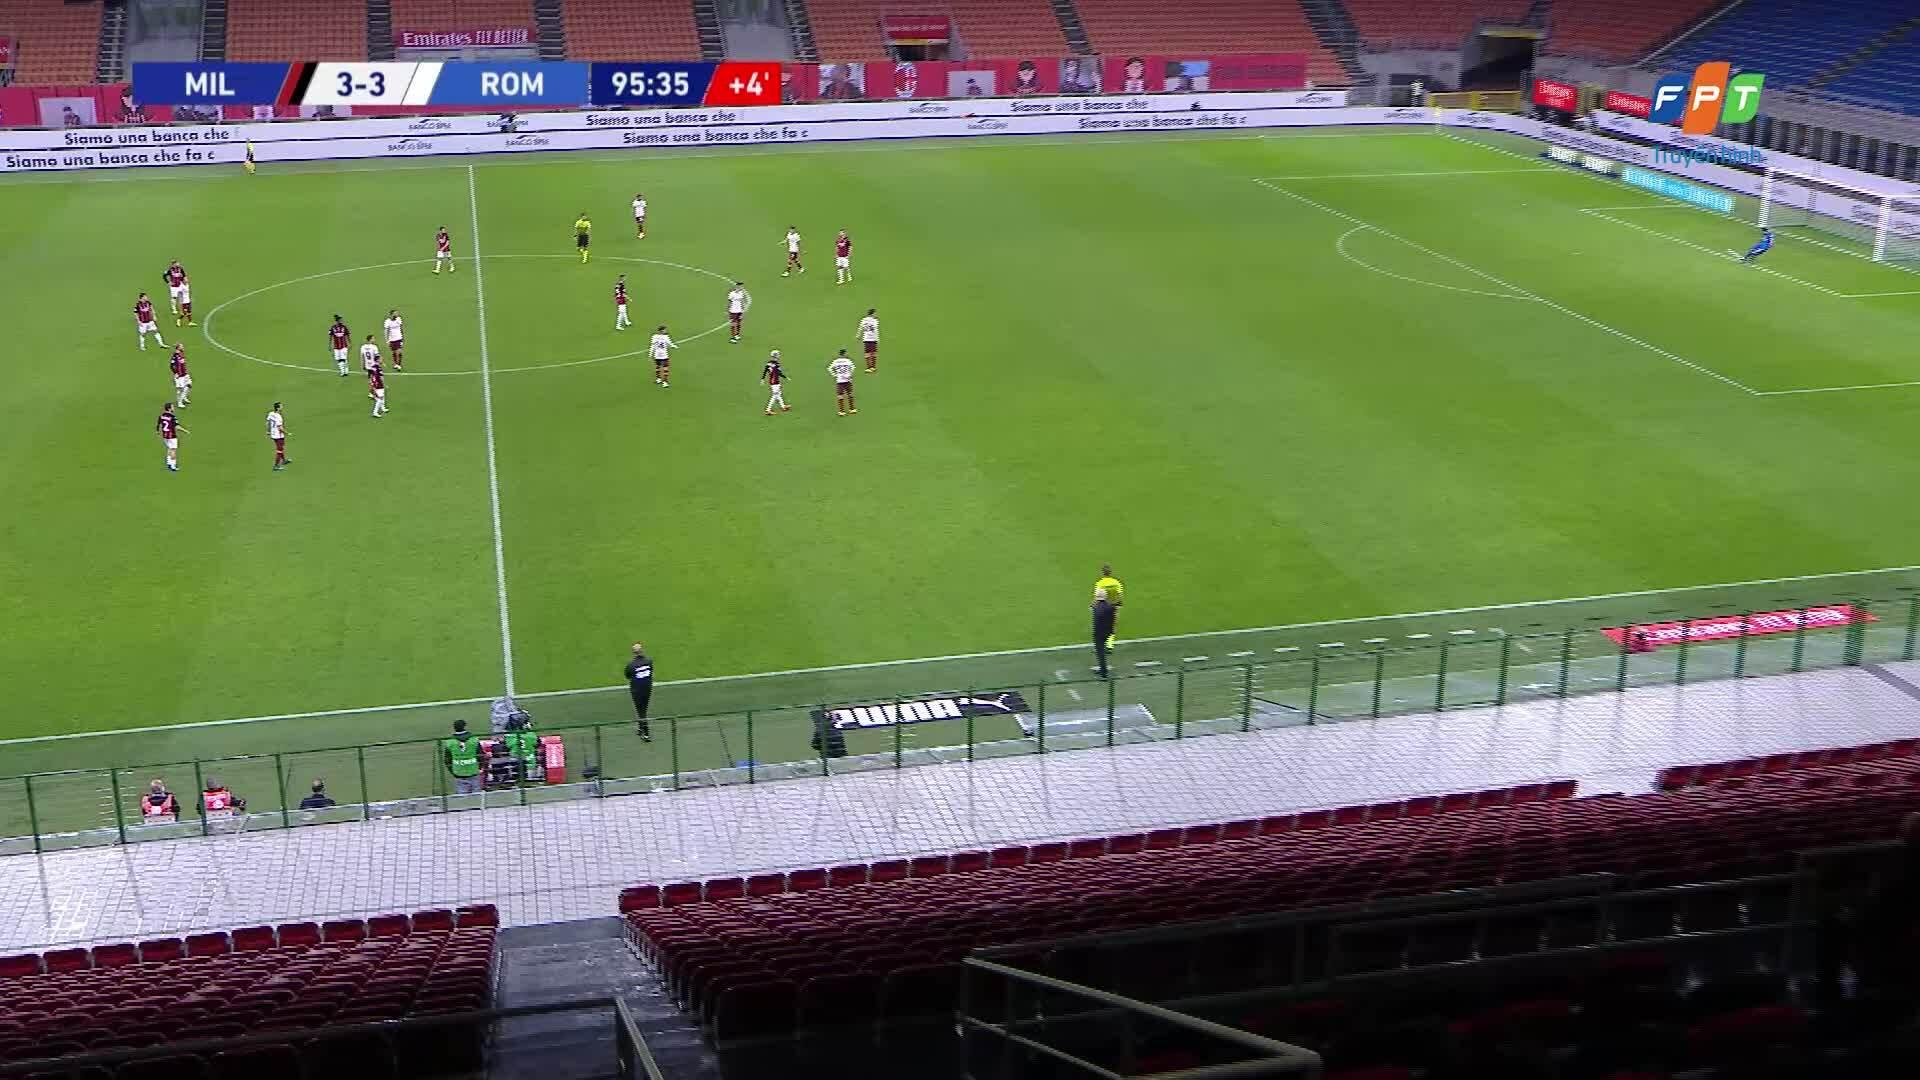 Milan 3-3 Roma